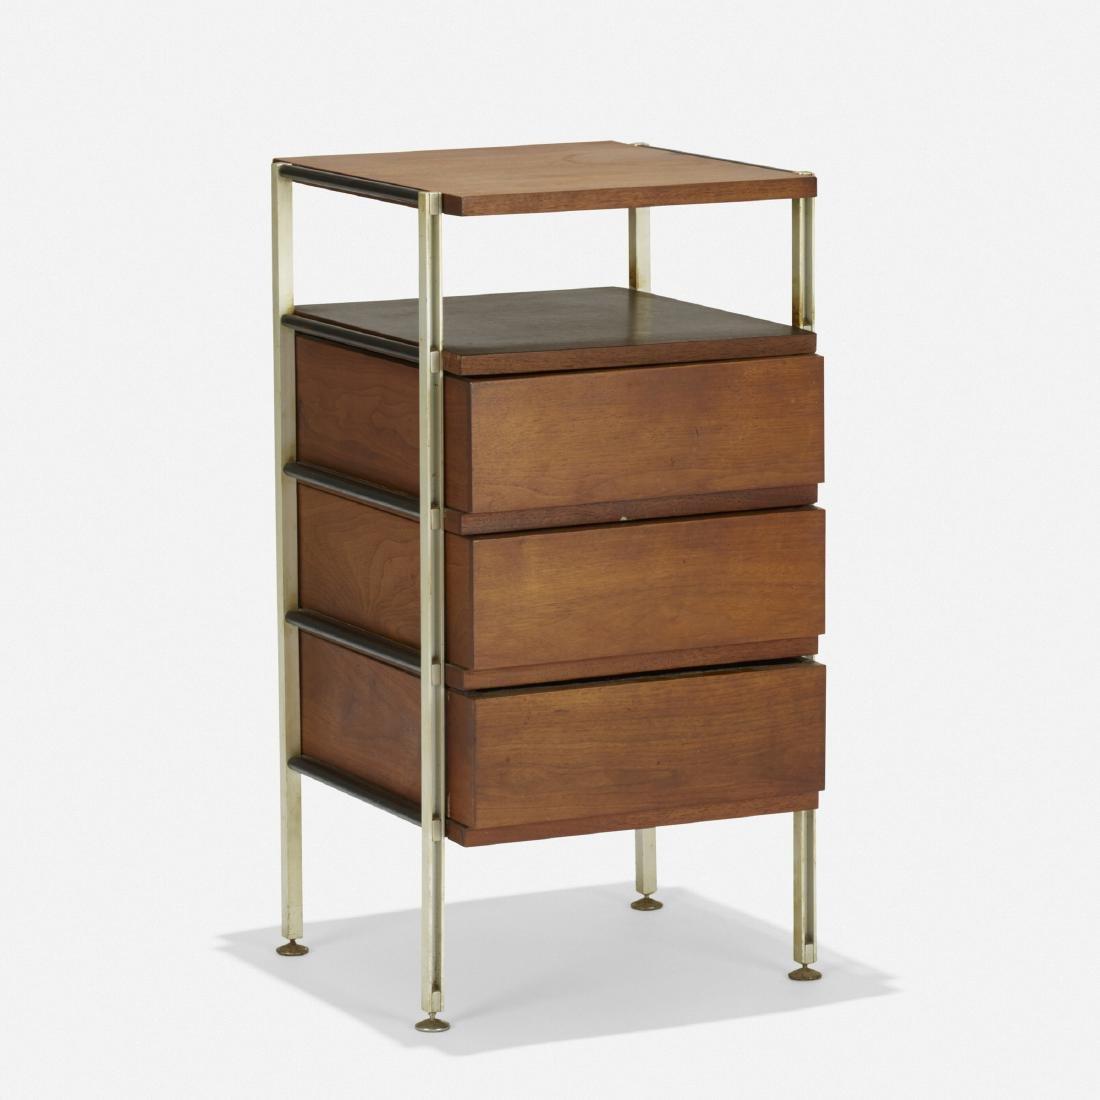 Hugh Acton, nightstand